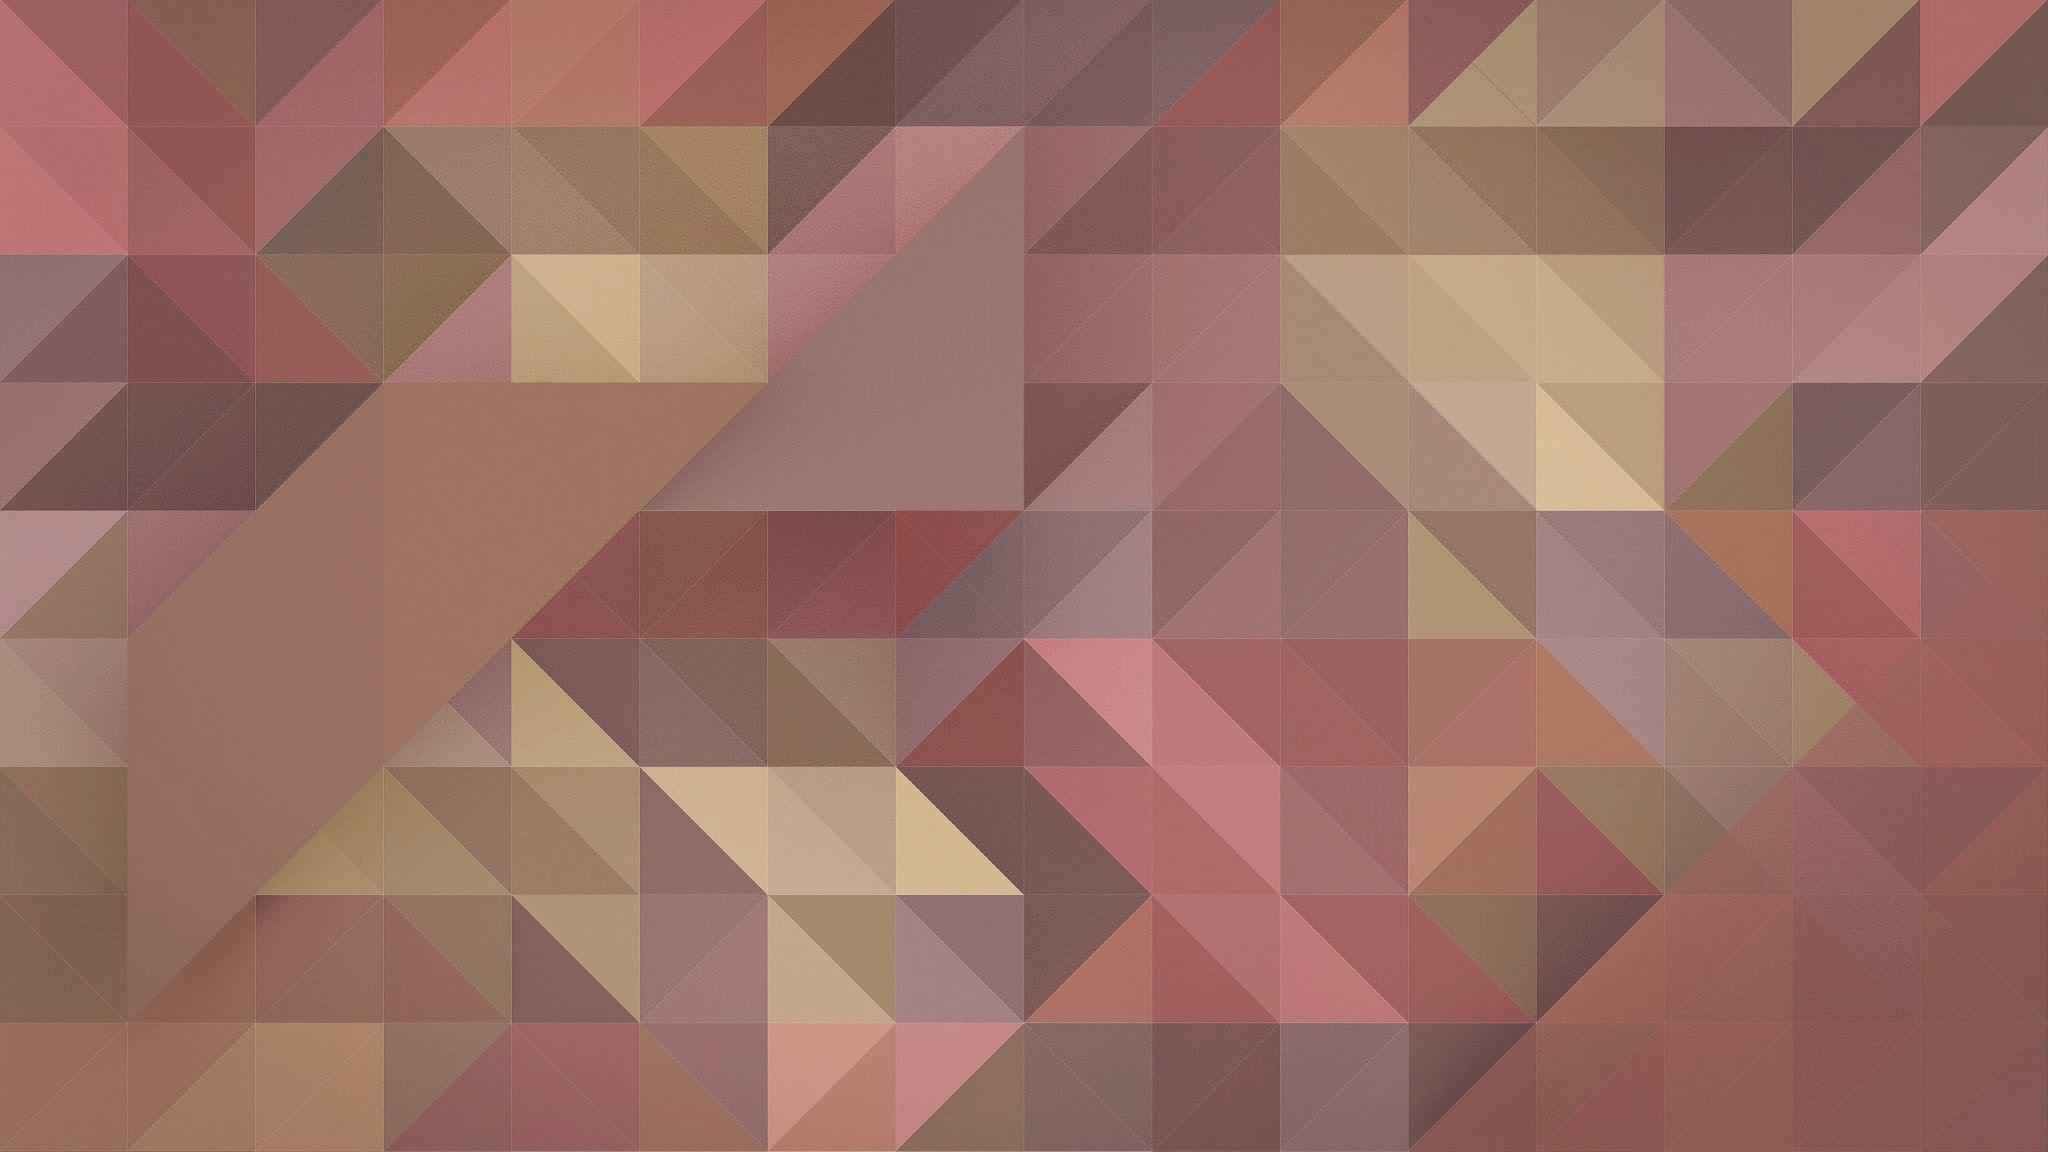 Linux Mint Gnome HD Desktop Wallpaper Widescreen High